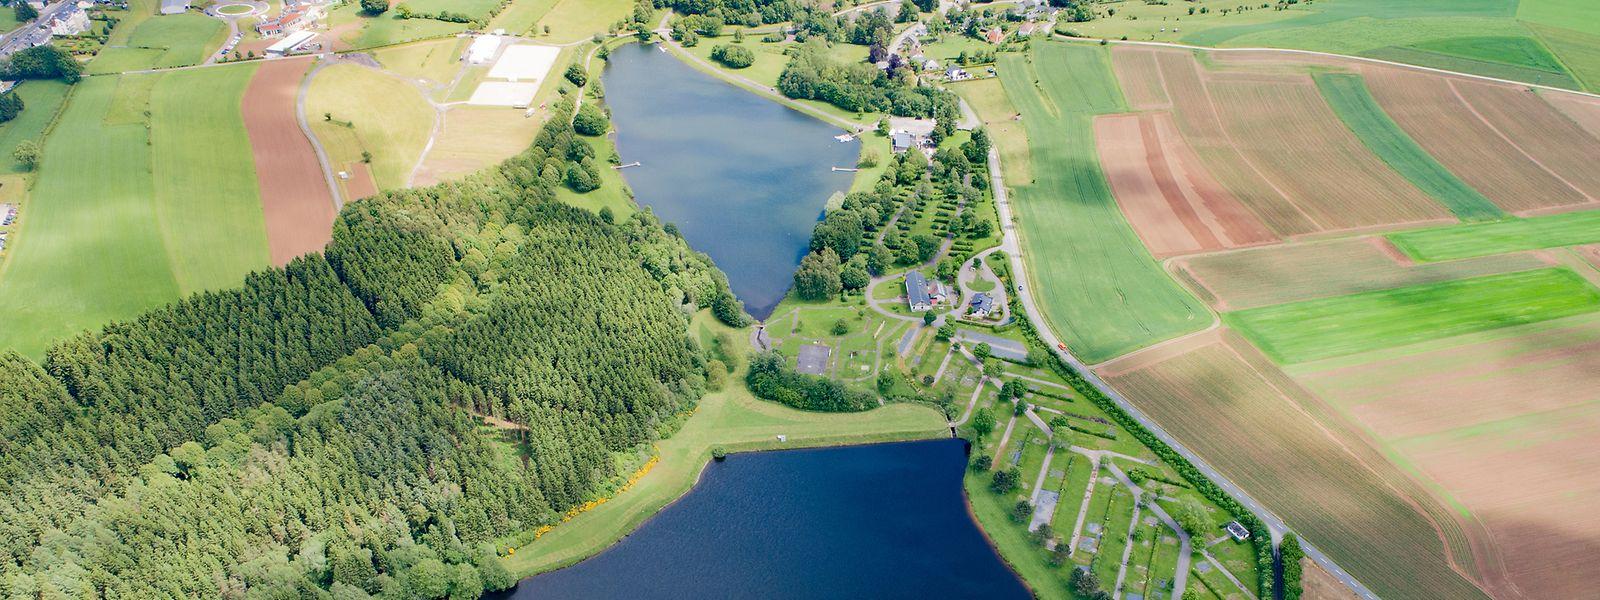 Still ruht der See, doch trügt der Schein. Dem Areal steht den Plänen des Schöffenrats nämlich eine umfassende Neugestaltung bevor.